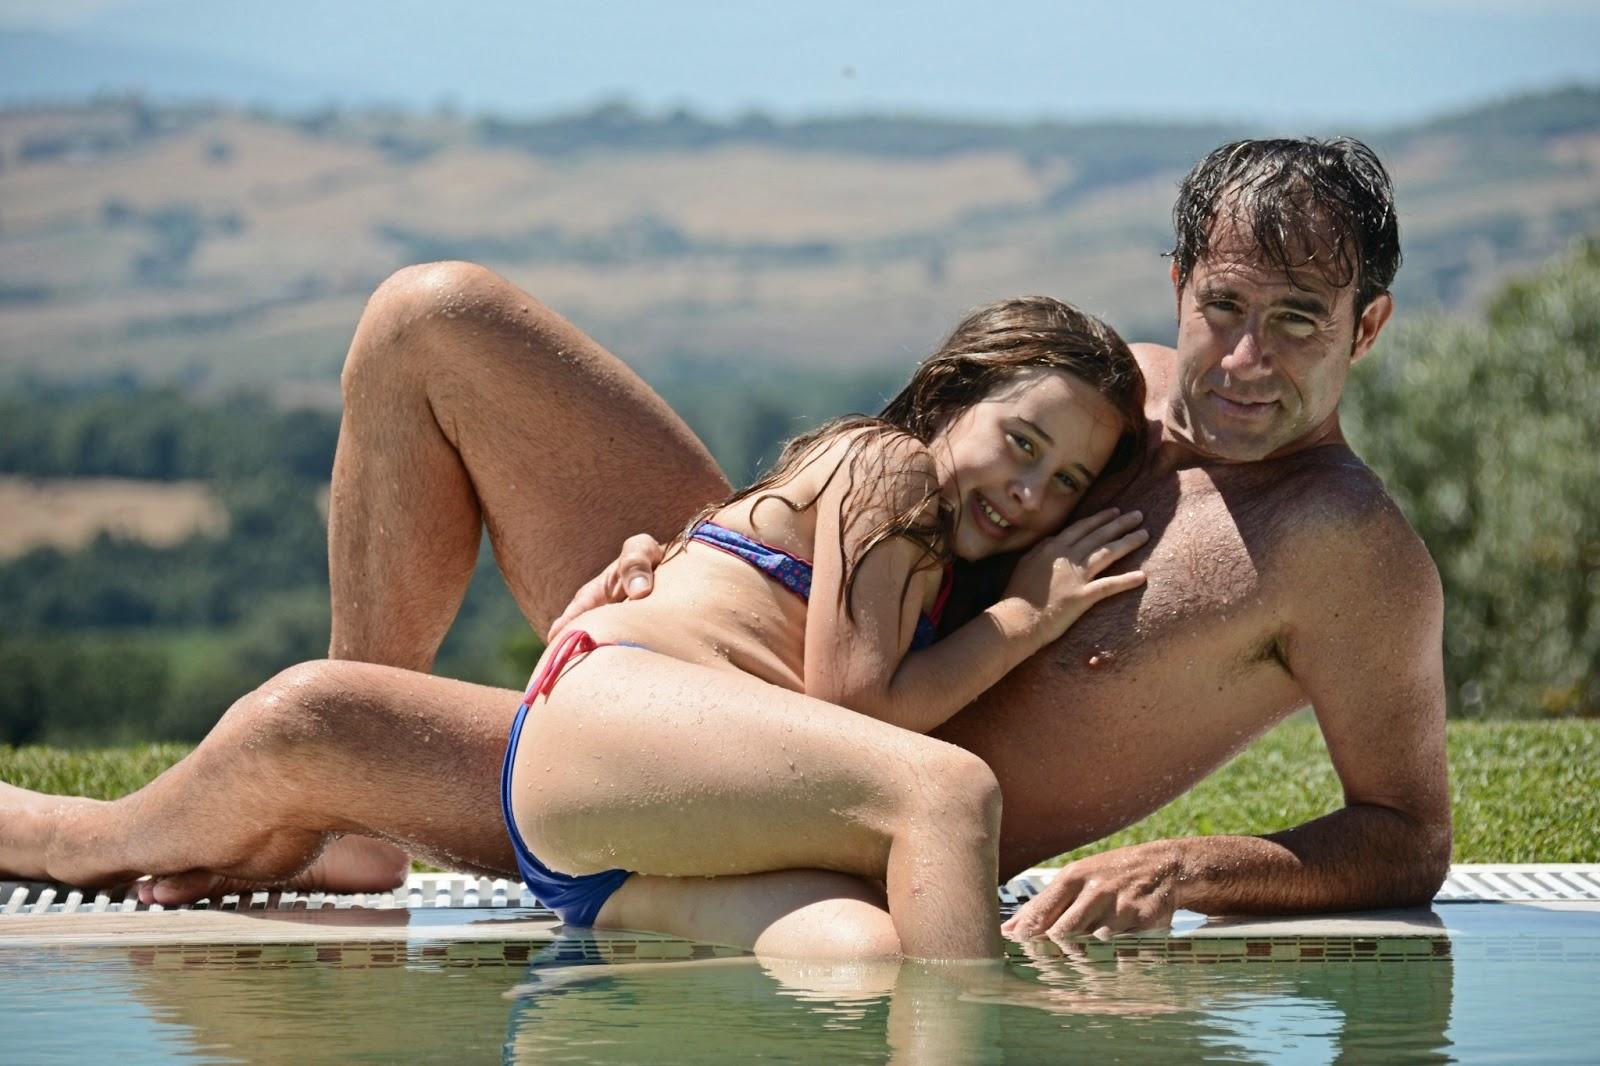 www.rebeccatrex.com !!!: ...in quella piscina, momenti bellissimi !!!